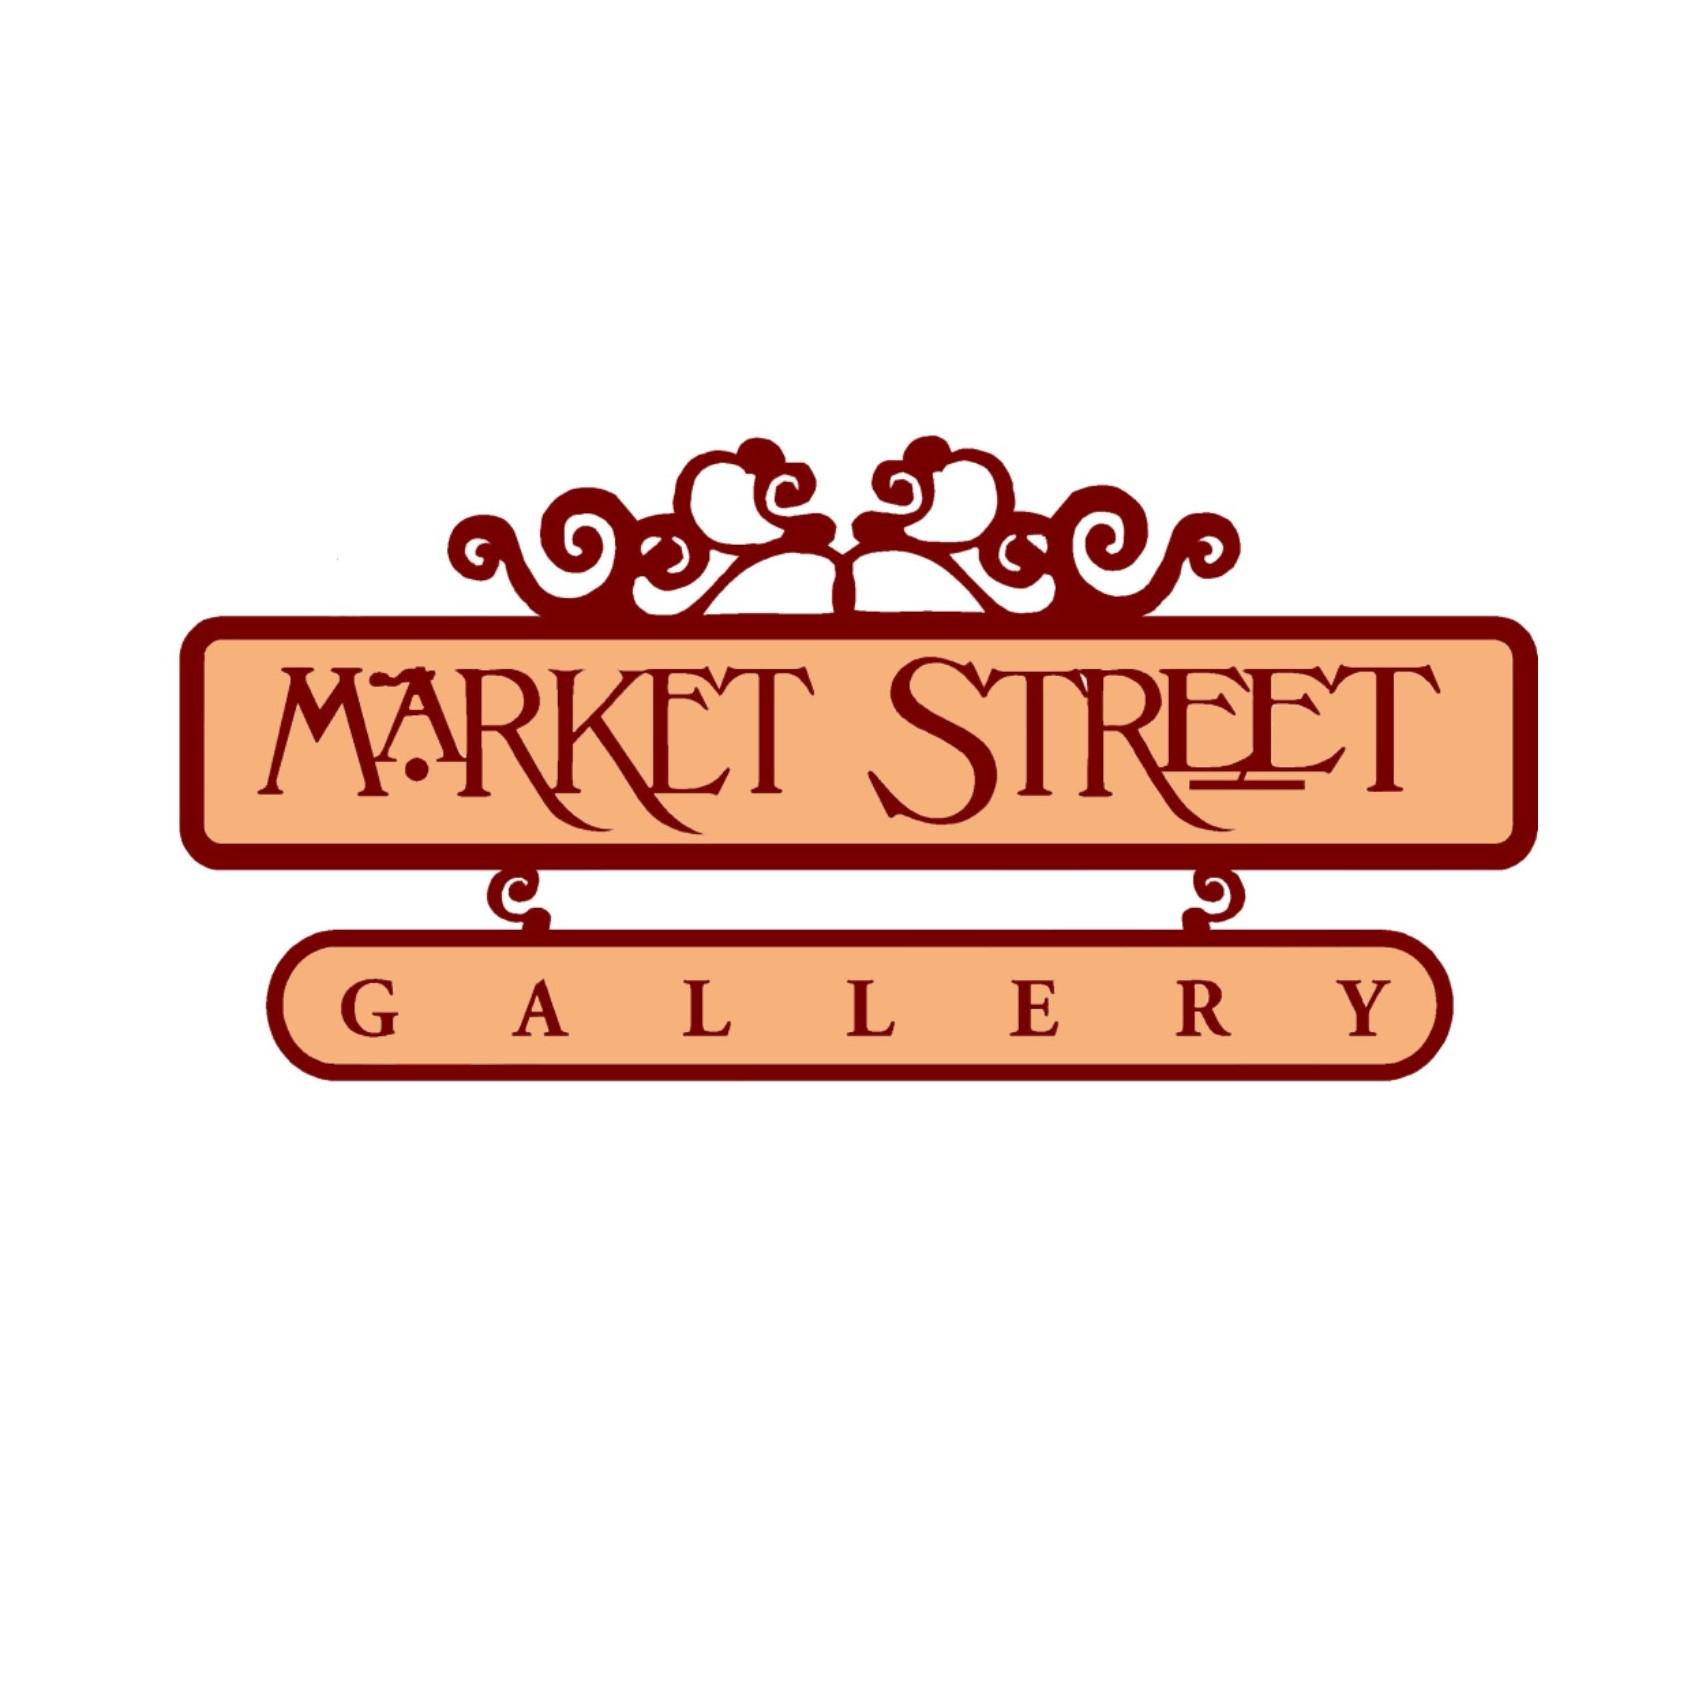 Market Street Gallery